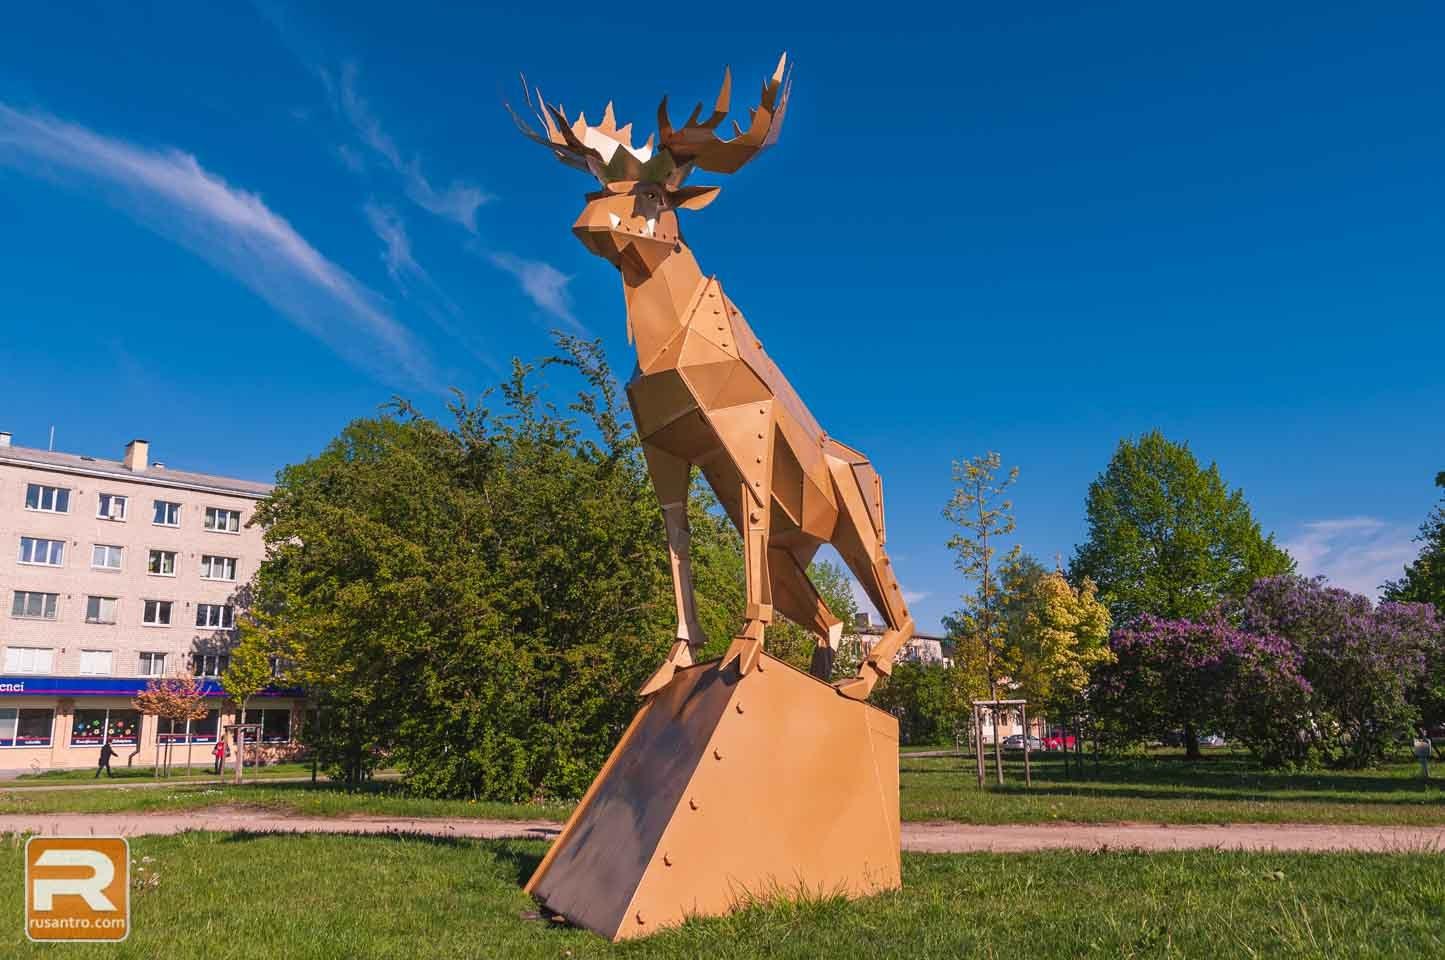 Metāla skulptūra parkā